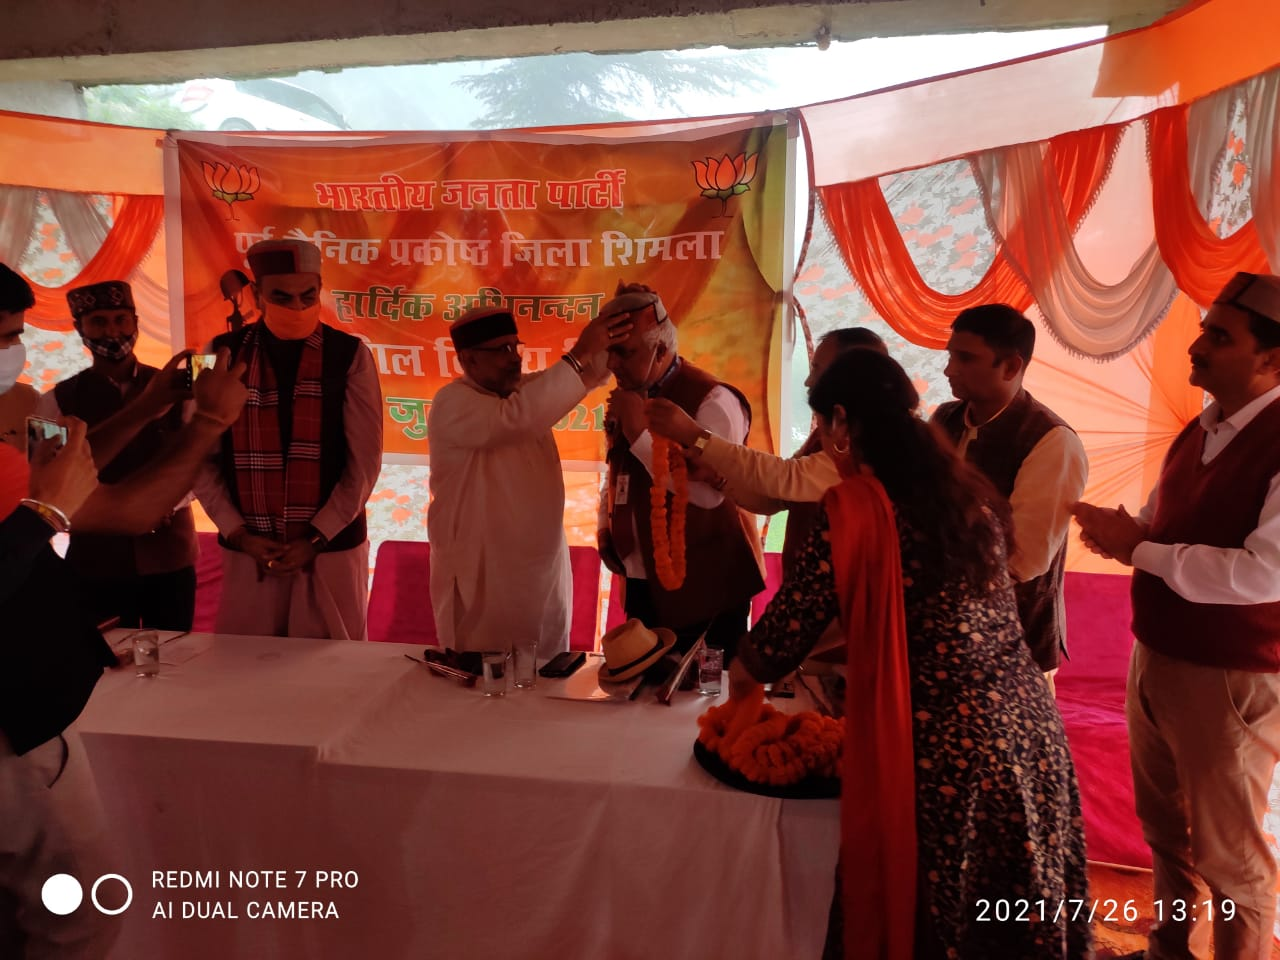 कारगिल विजय दिवस- एक्स सर्विसमैन वेलफेयर एसोसिएशन और वेटरन इंडिया शिमला द्वारा वीरांगनाओं को किया सम्मानित